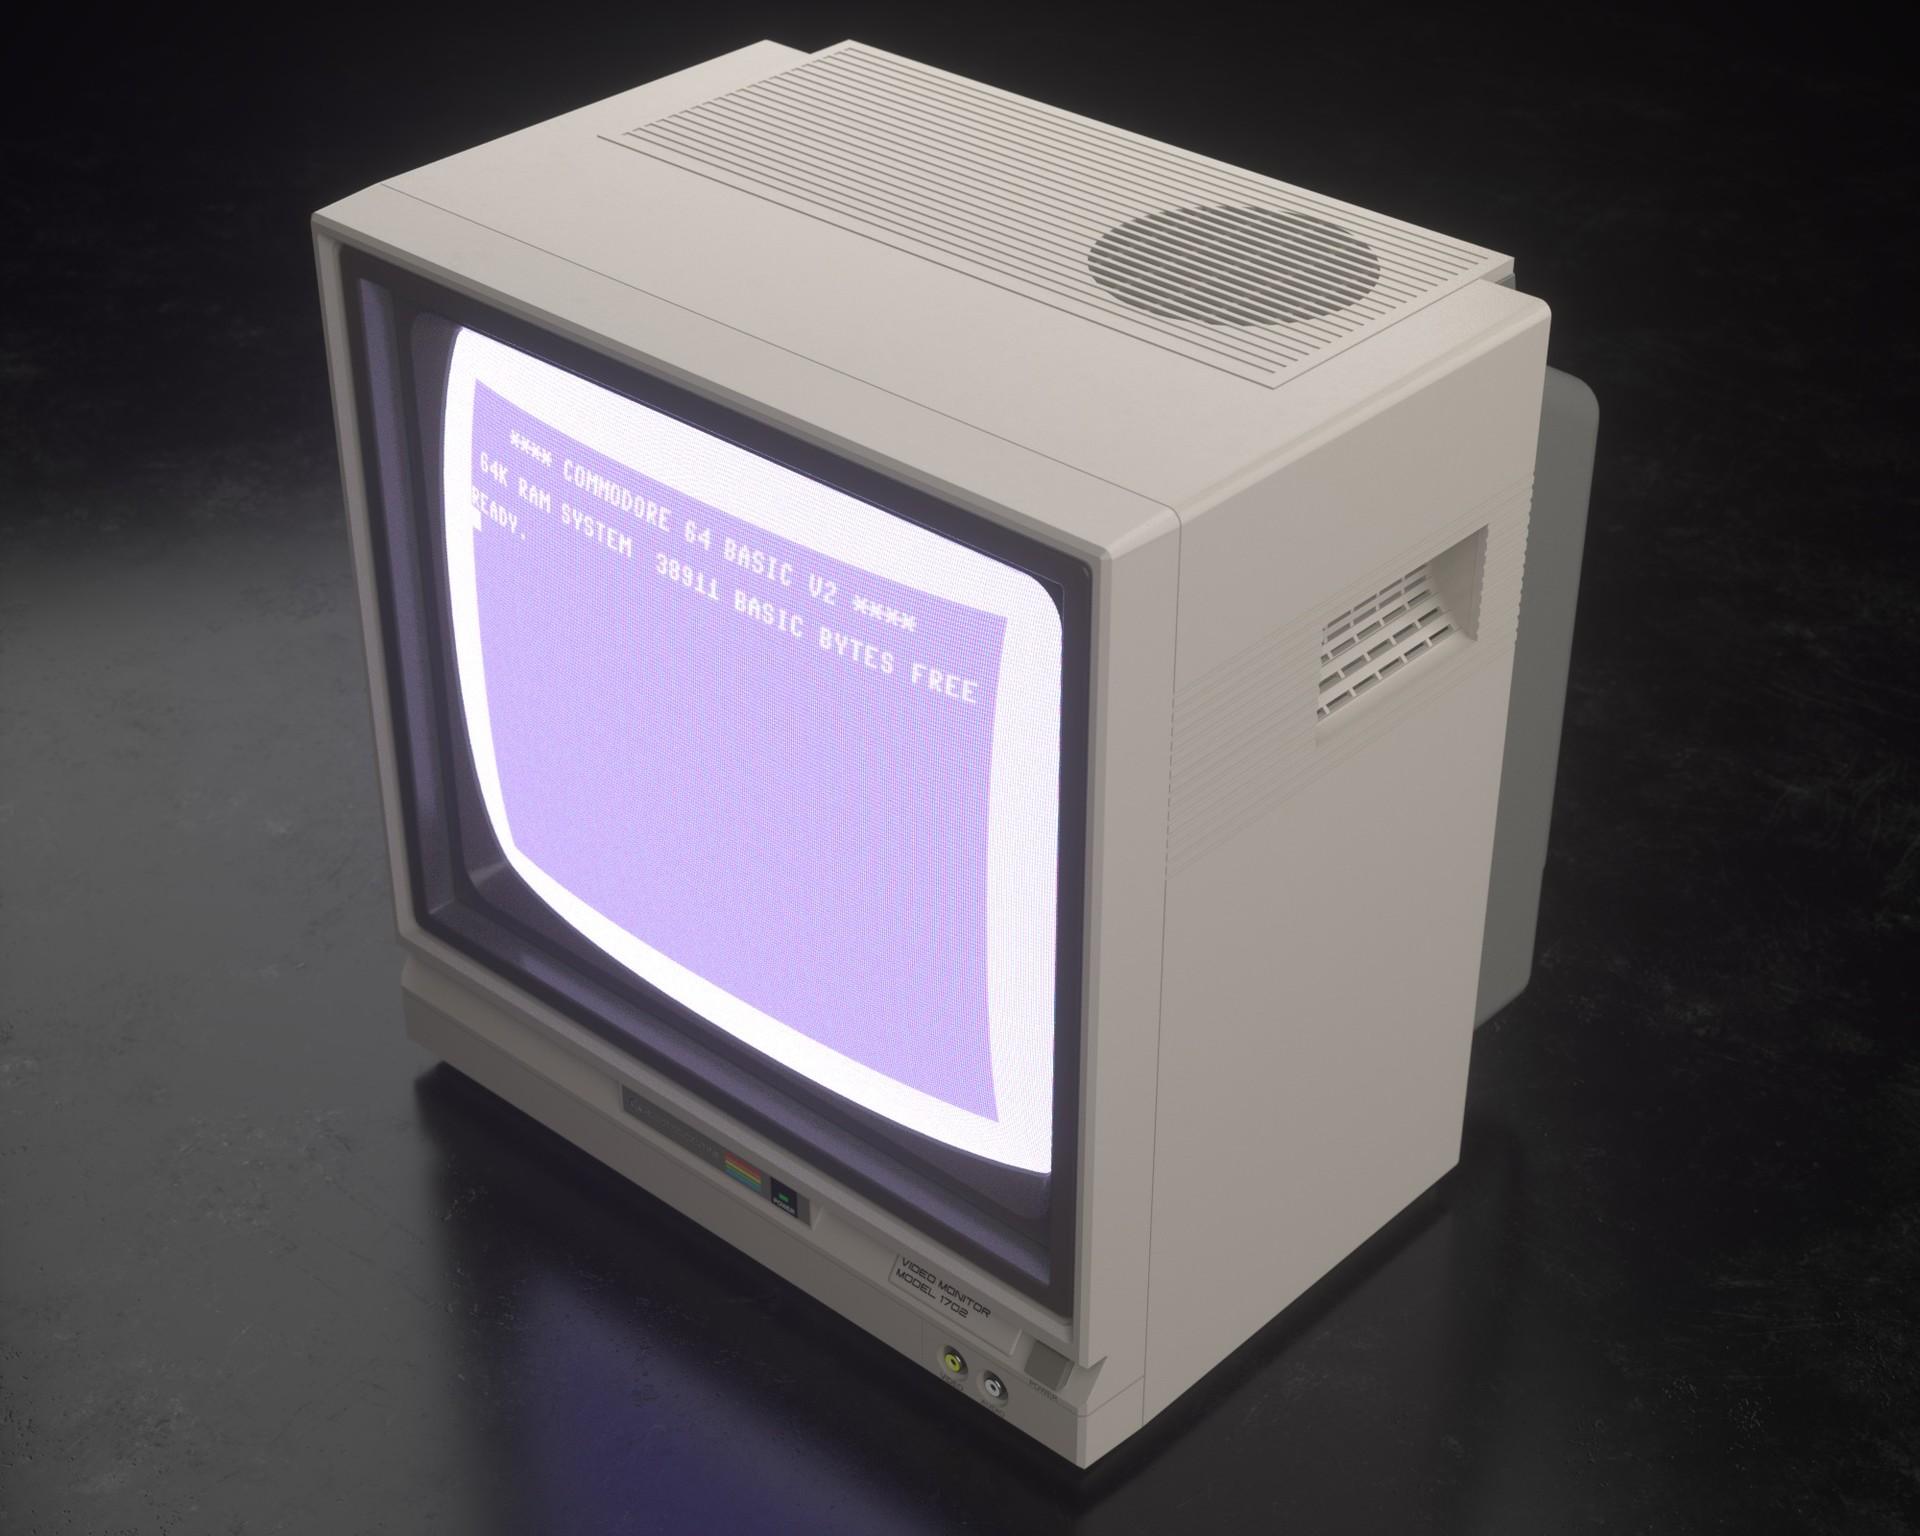 Cem tezcan c64 monitor 2 00004